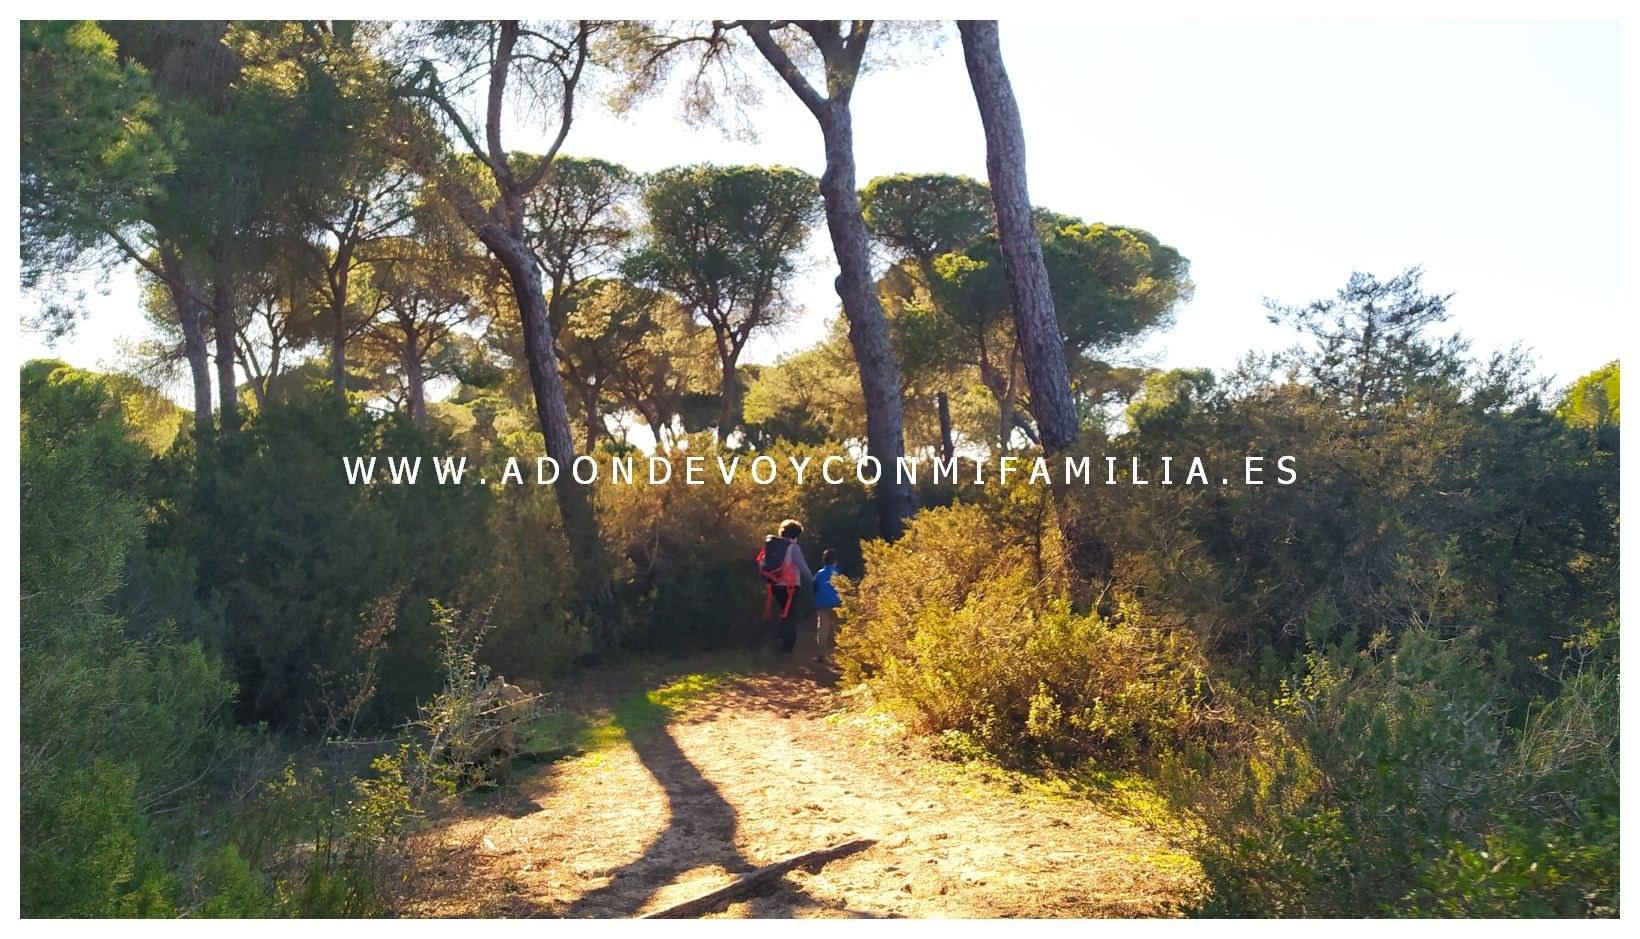 sendero-cerro-del-aguila-pinar-de-la-algaida-sanlucar-adondevoyconmifamilia-38